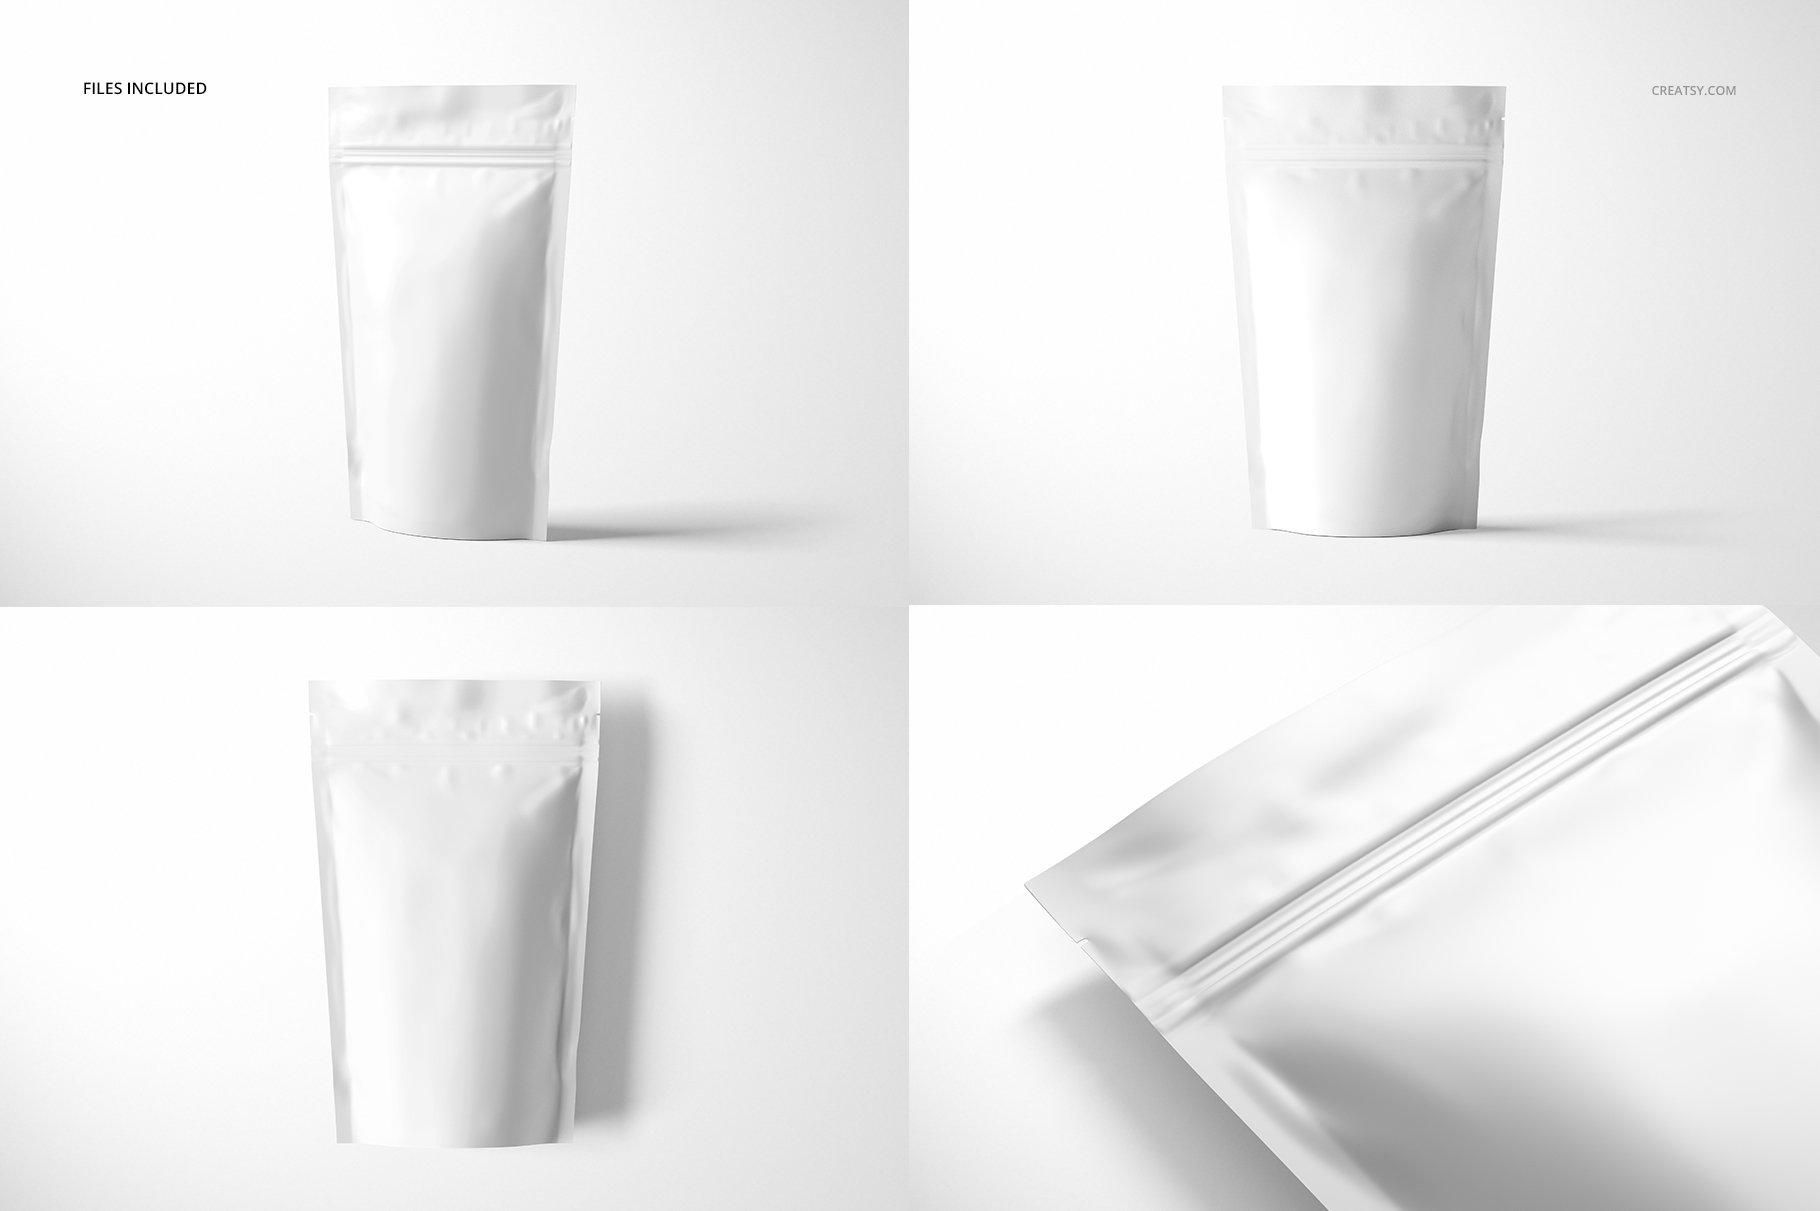 简约立式拉链锁食品自封袋塑料袋设计展示样机合集 Stand Up Pouch Mockup Set 2插图(3)